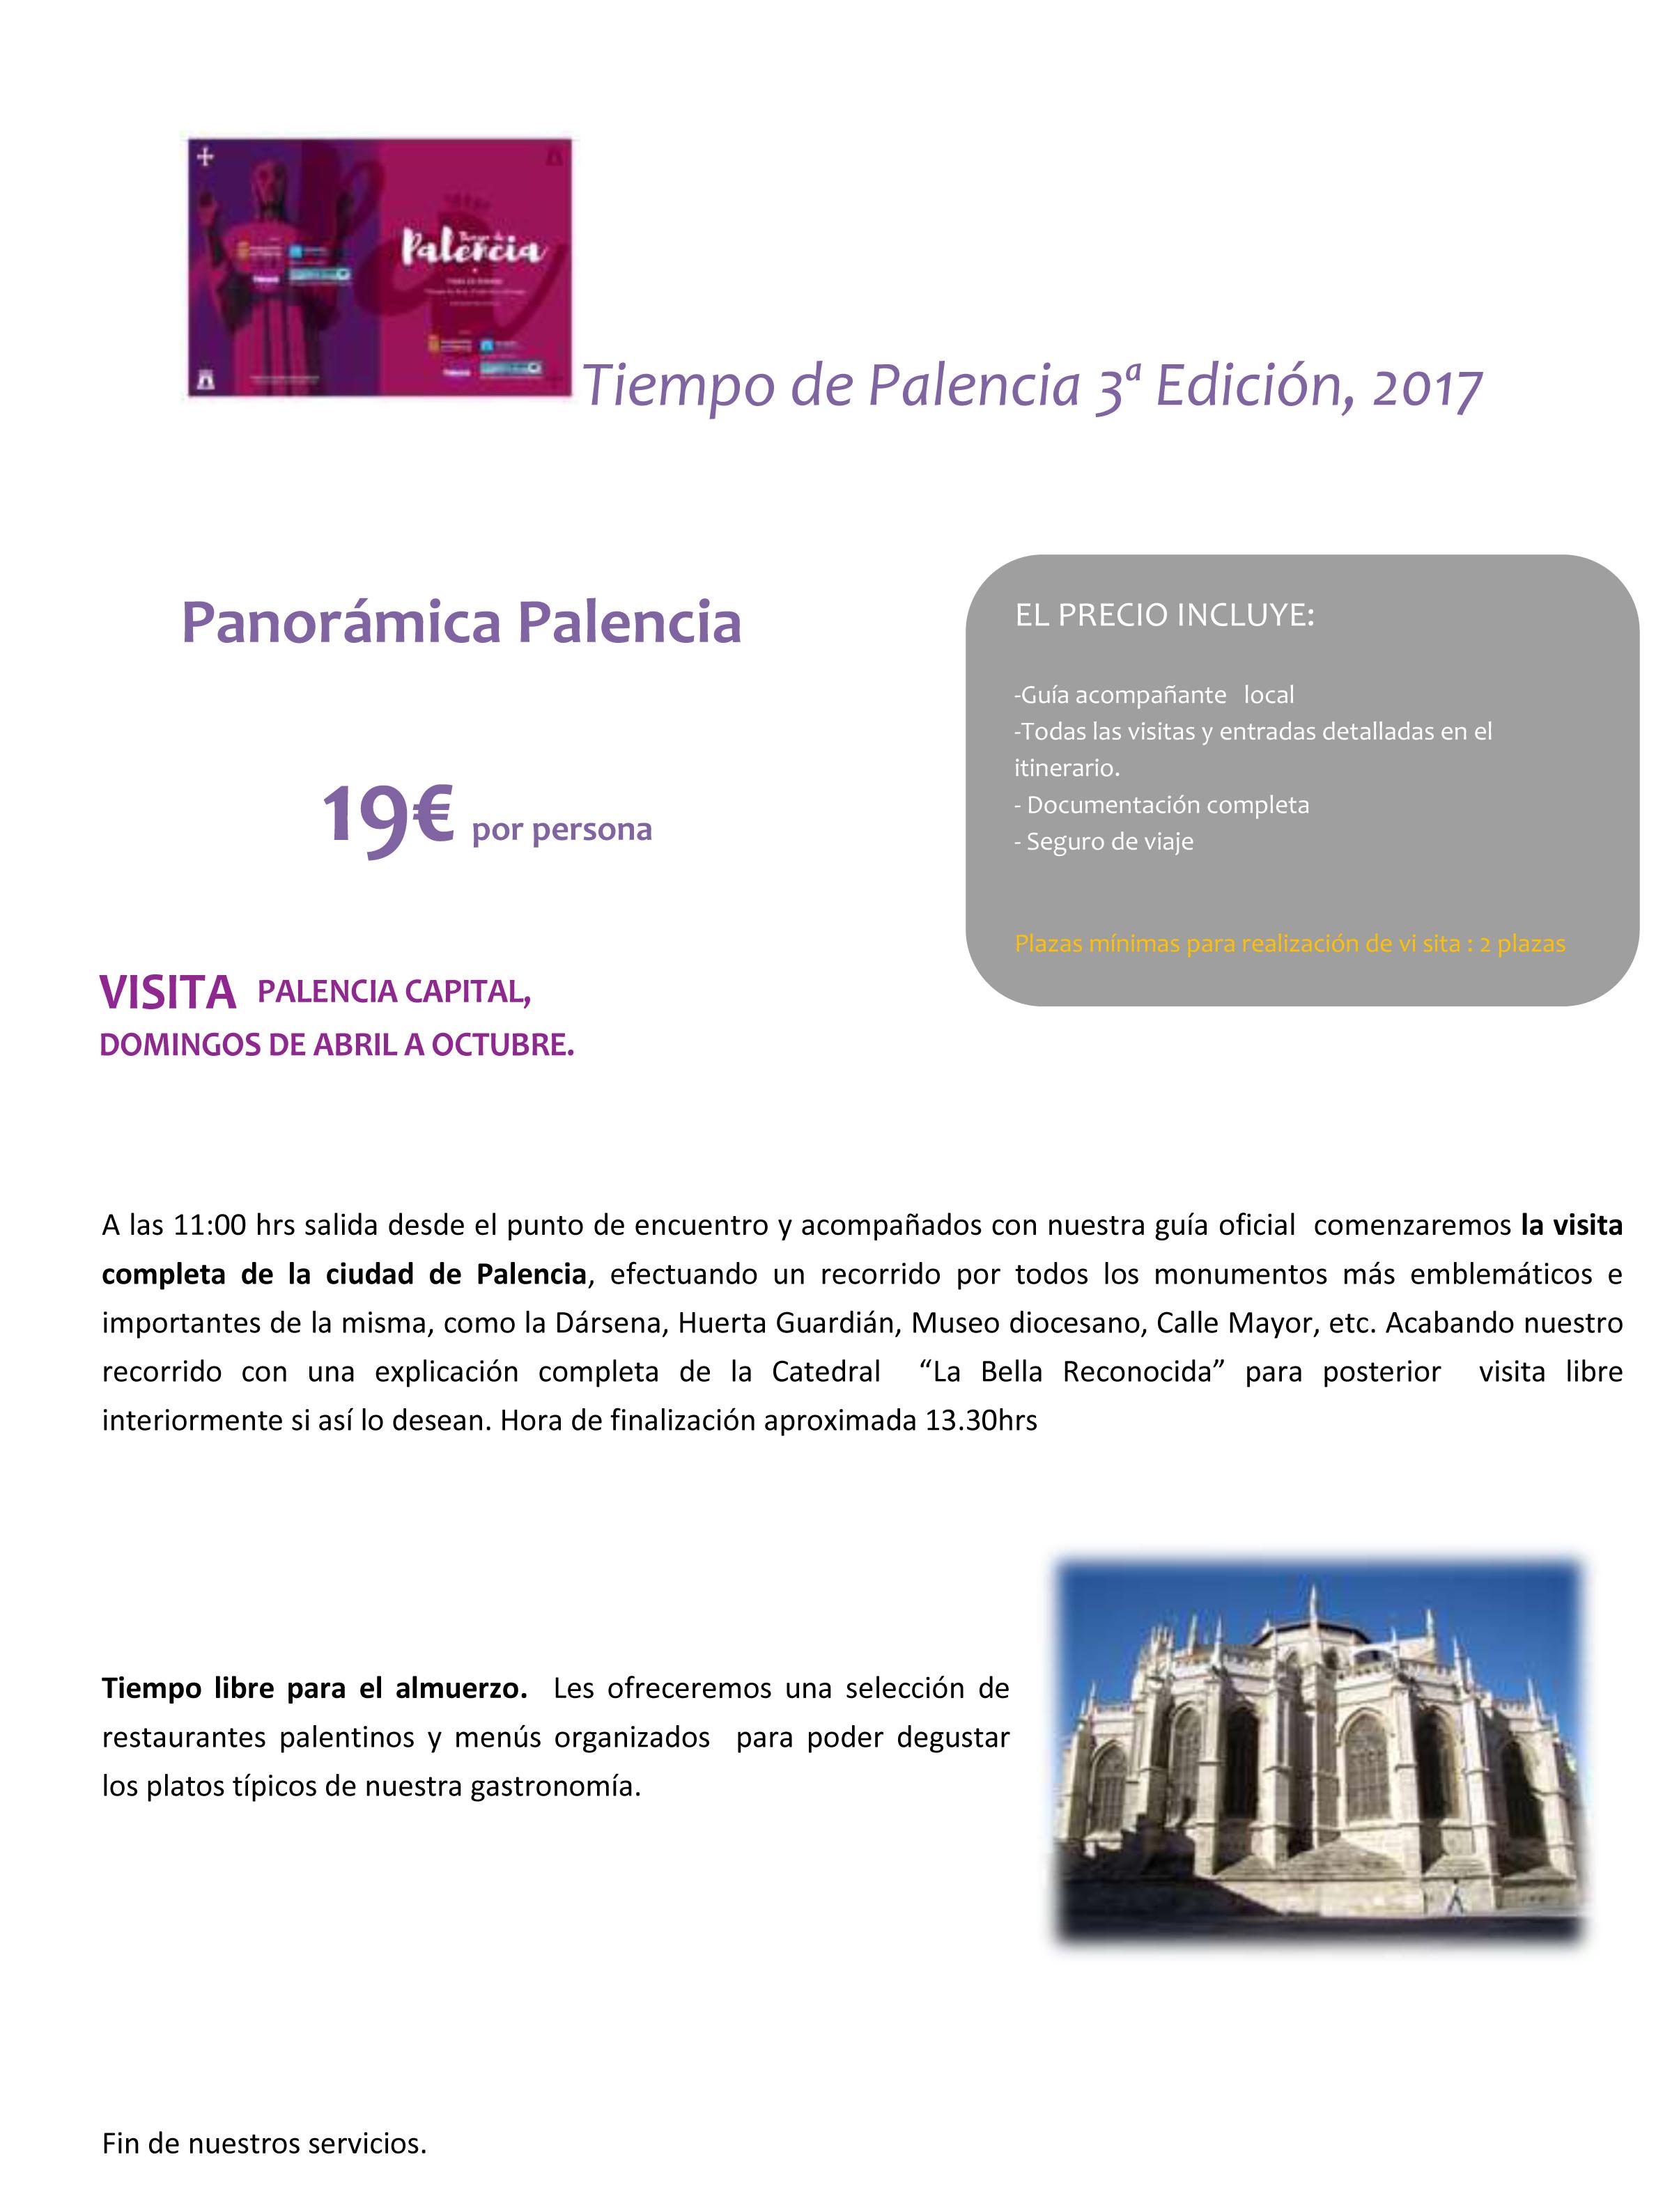 tiempo-de-palencia-visitas-y-rutas-_3-edicion-2017-para-web-viajes-spacio-libre-30-11-3